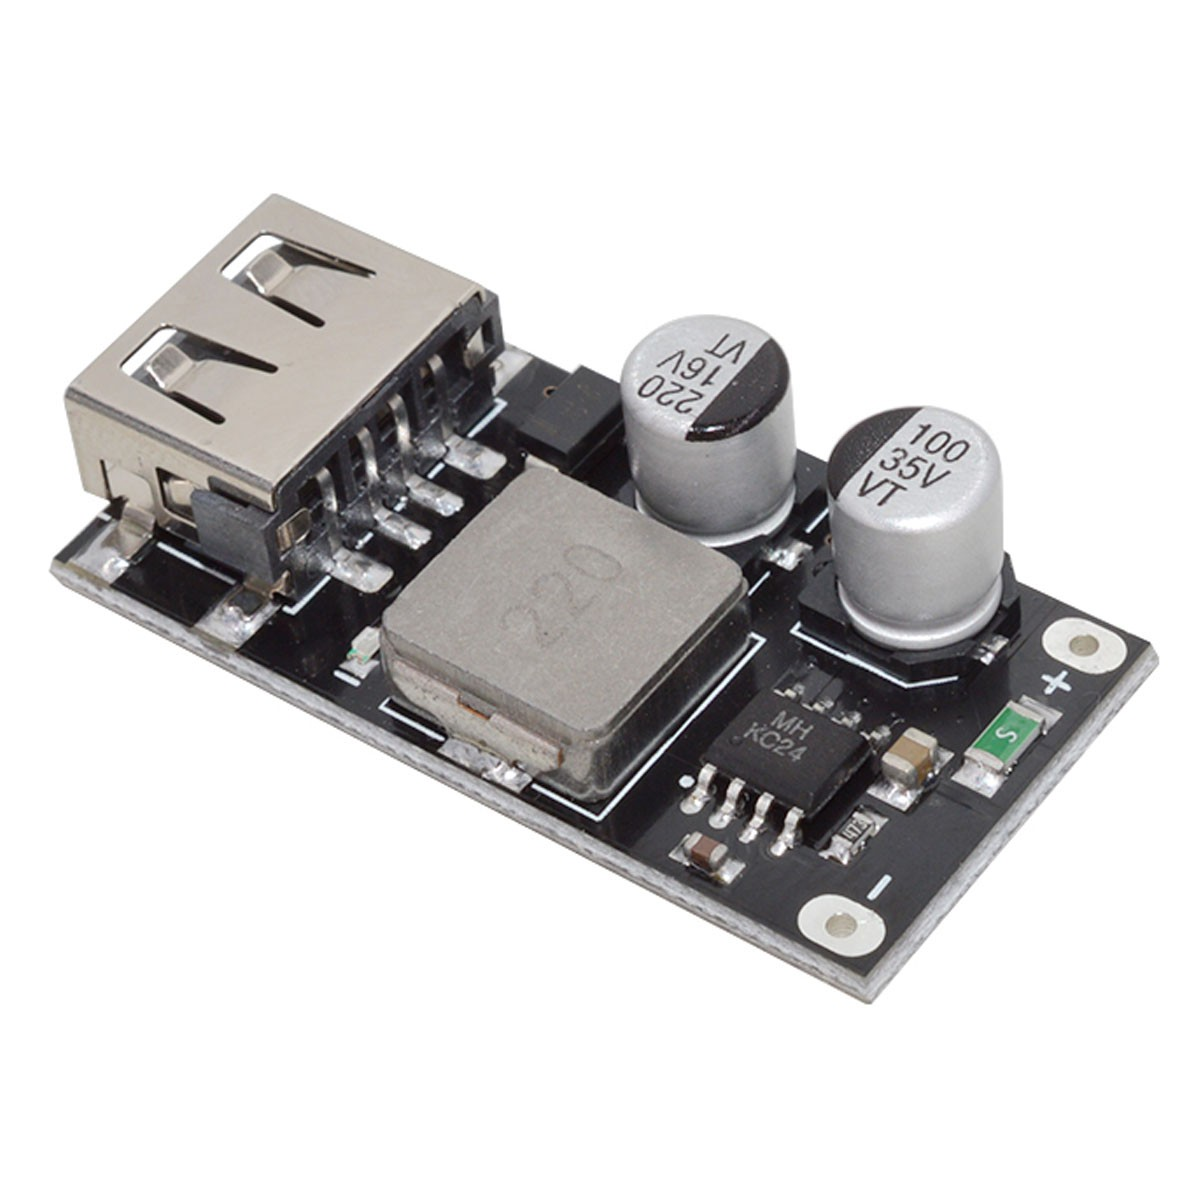 2x Módulo Regulador de tensão DC DC Step Down 5V p/ carregamento rápido com saída USB